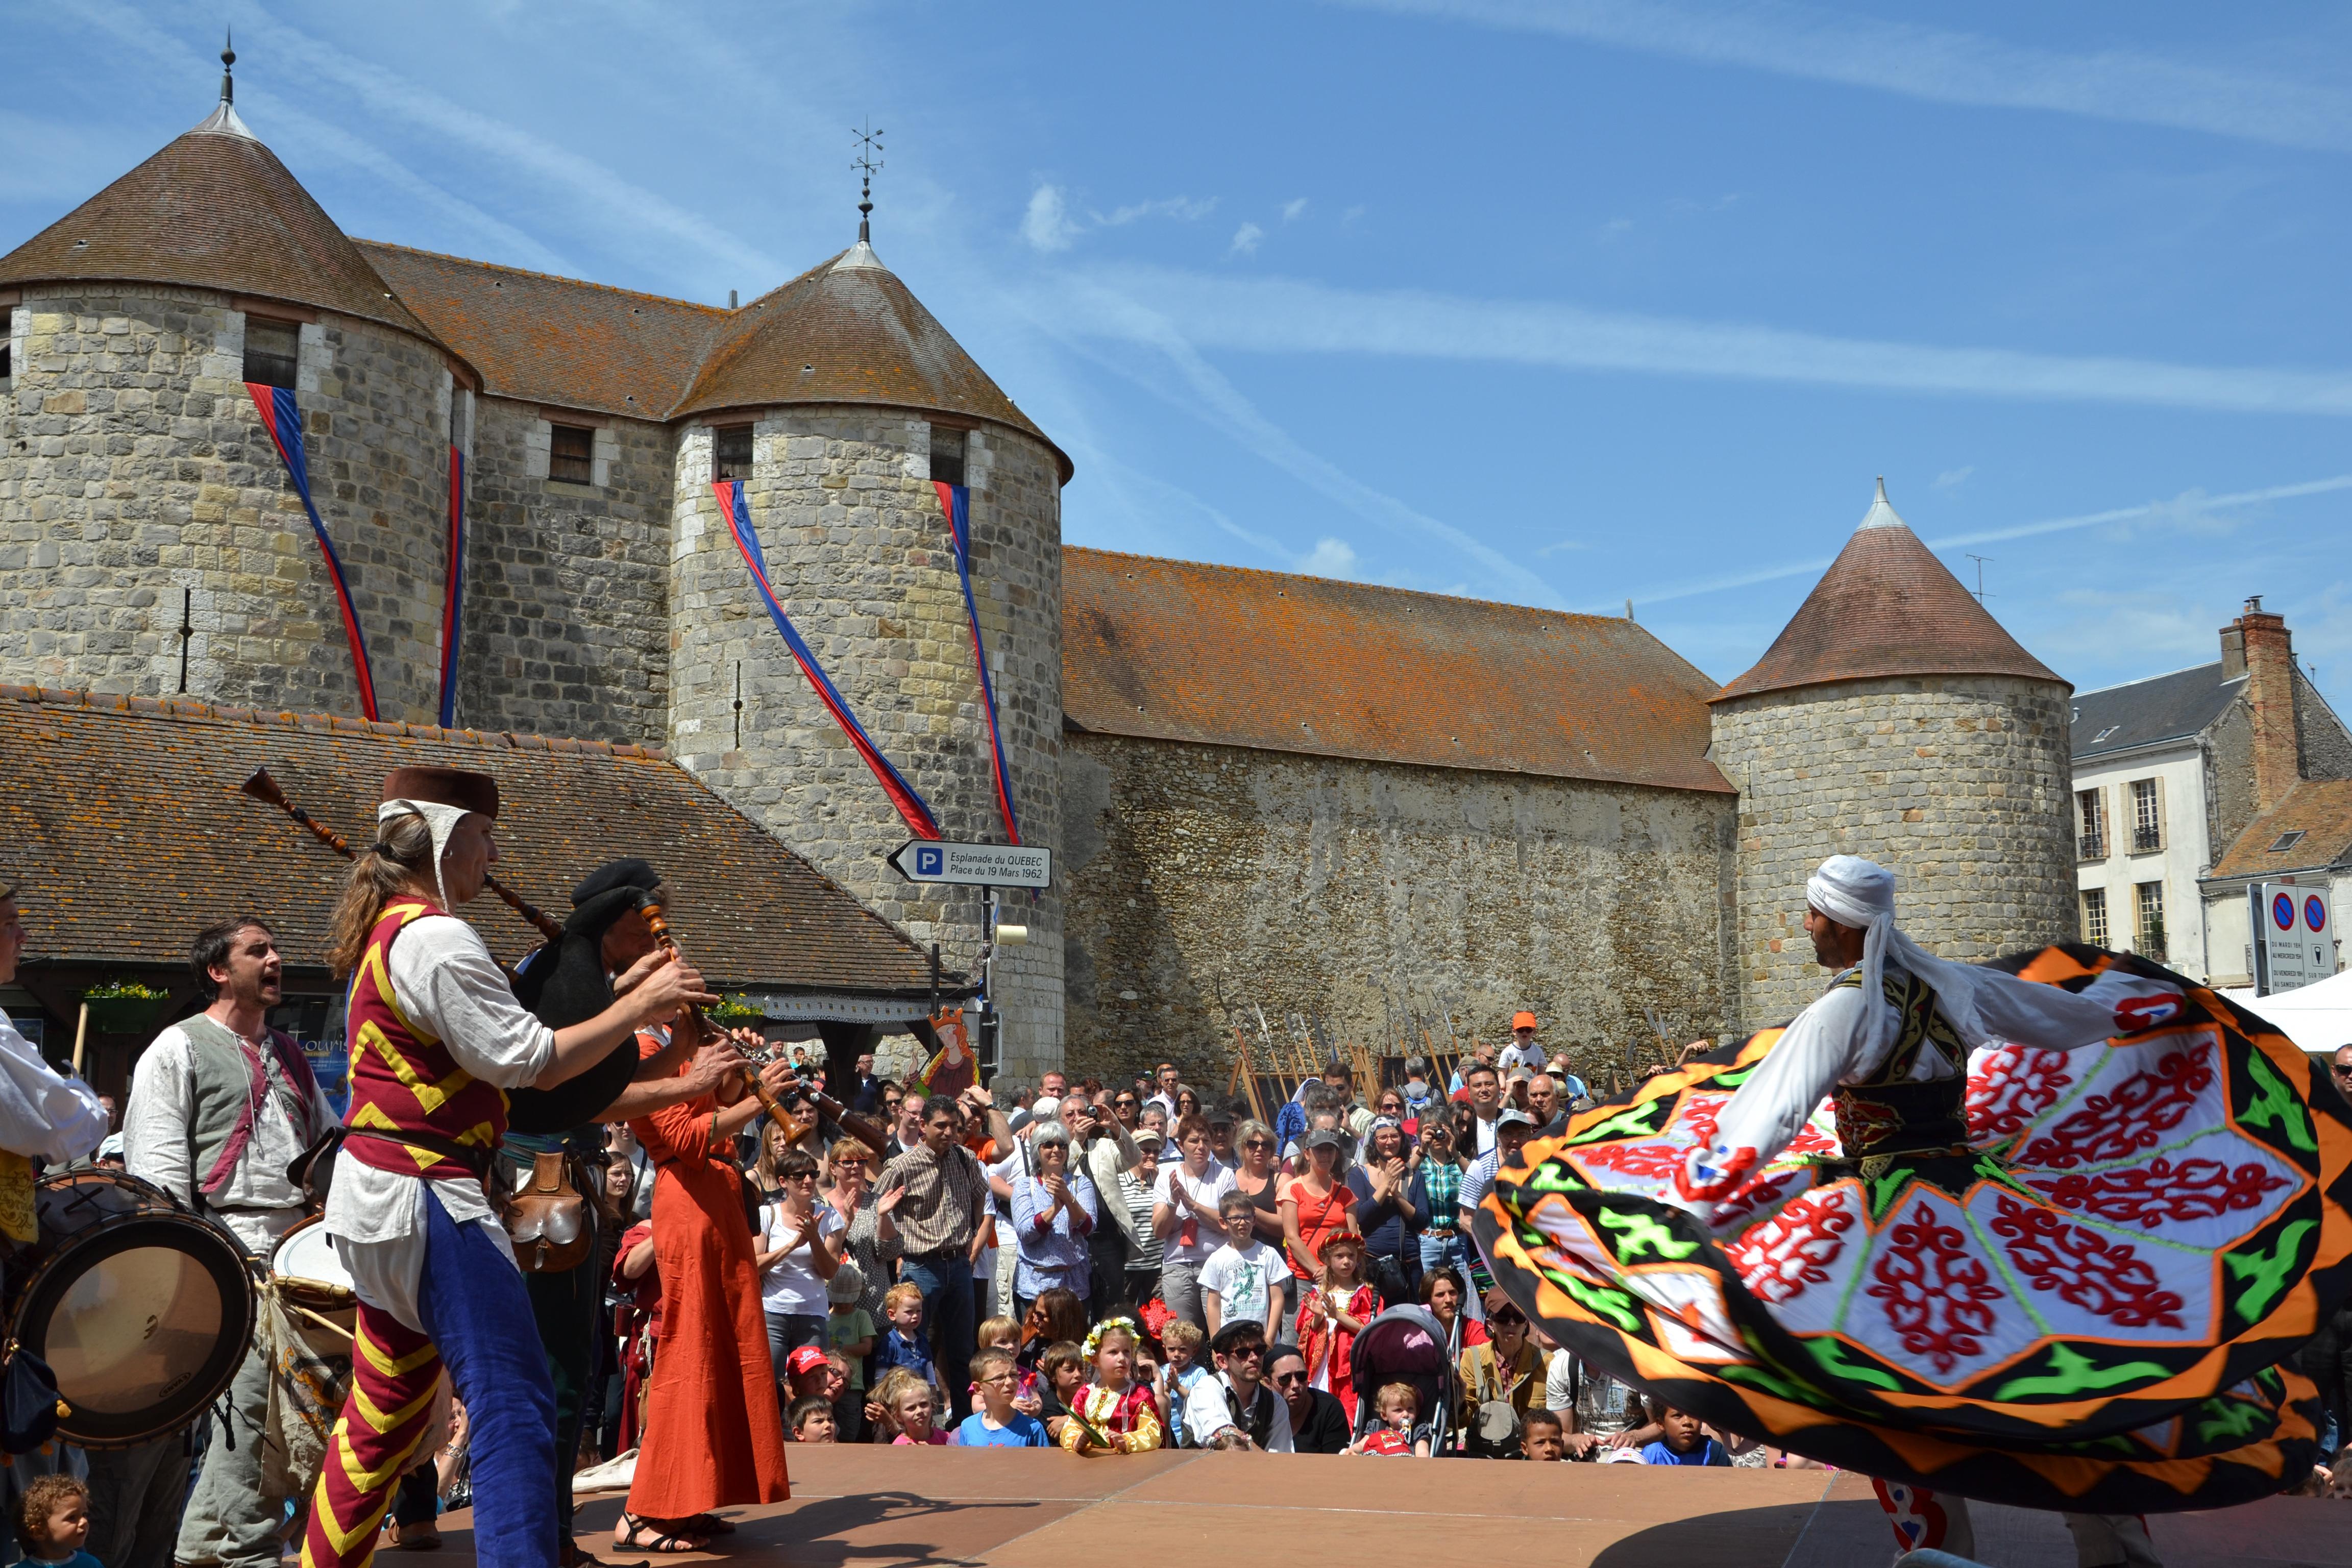 Fête médiévale de Dourdan Dourdan Tourisme